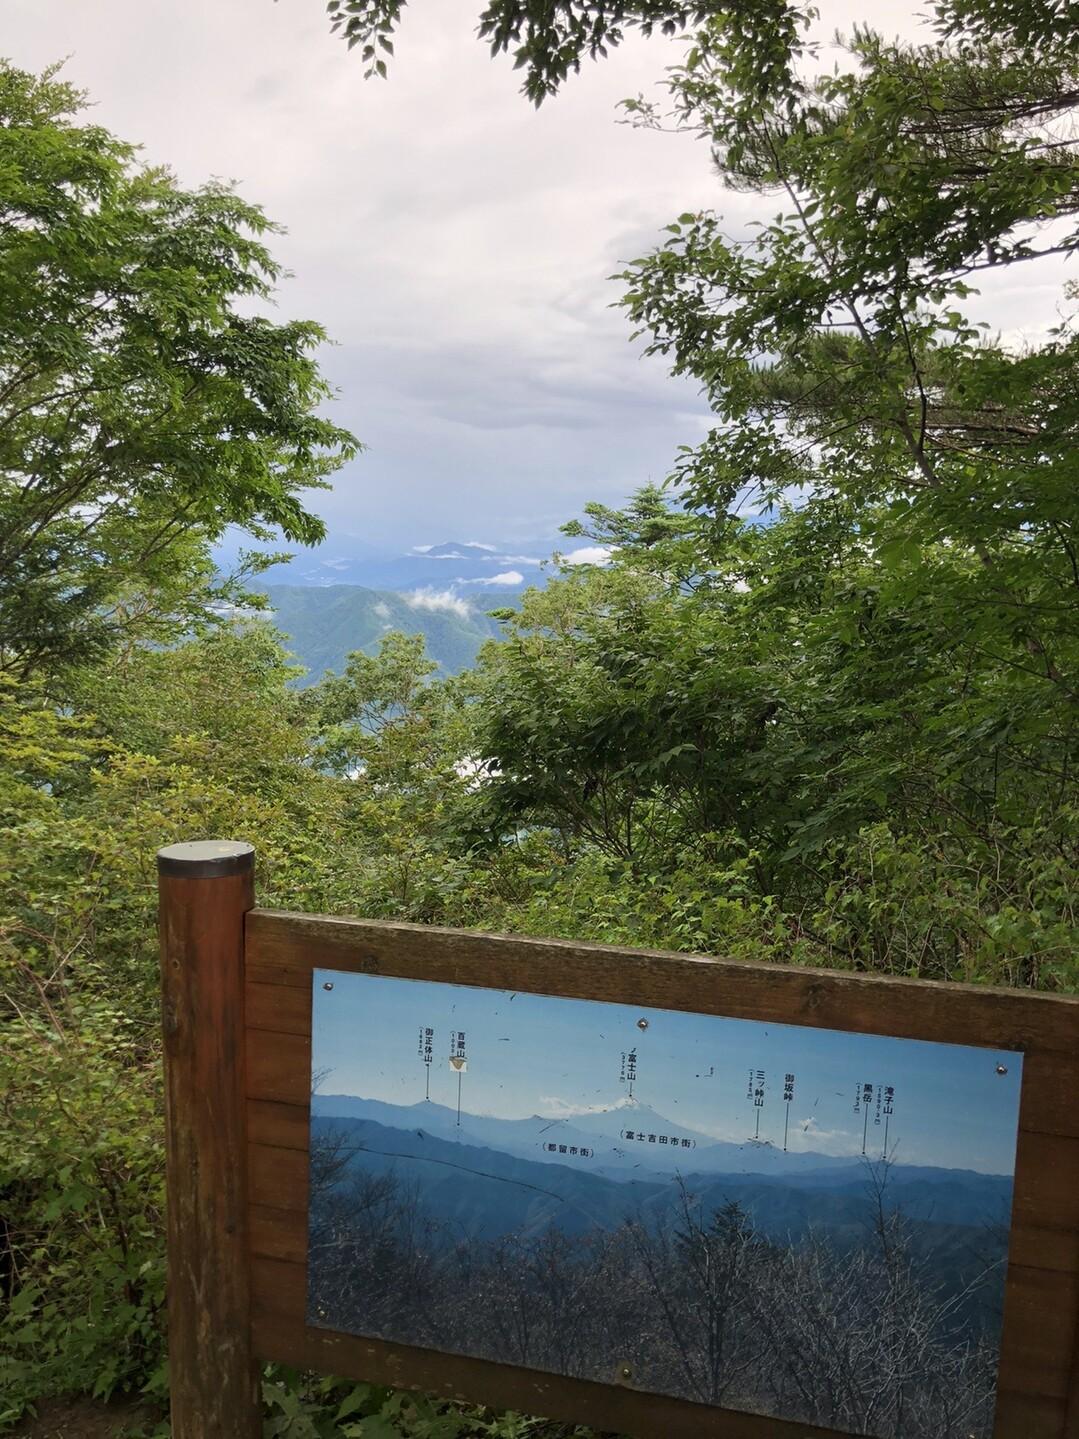 あったー!雲の向こう!(😭)<br> <br> ここで下の句ができましたと。<br> <br> 青梅雨の 富士はいずこや 三頭山<br> <br> トホホノホー<br> 帰ろう。